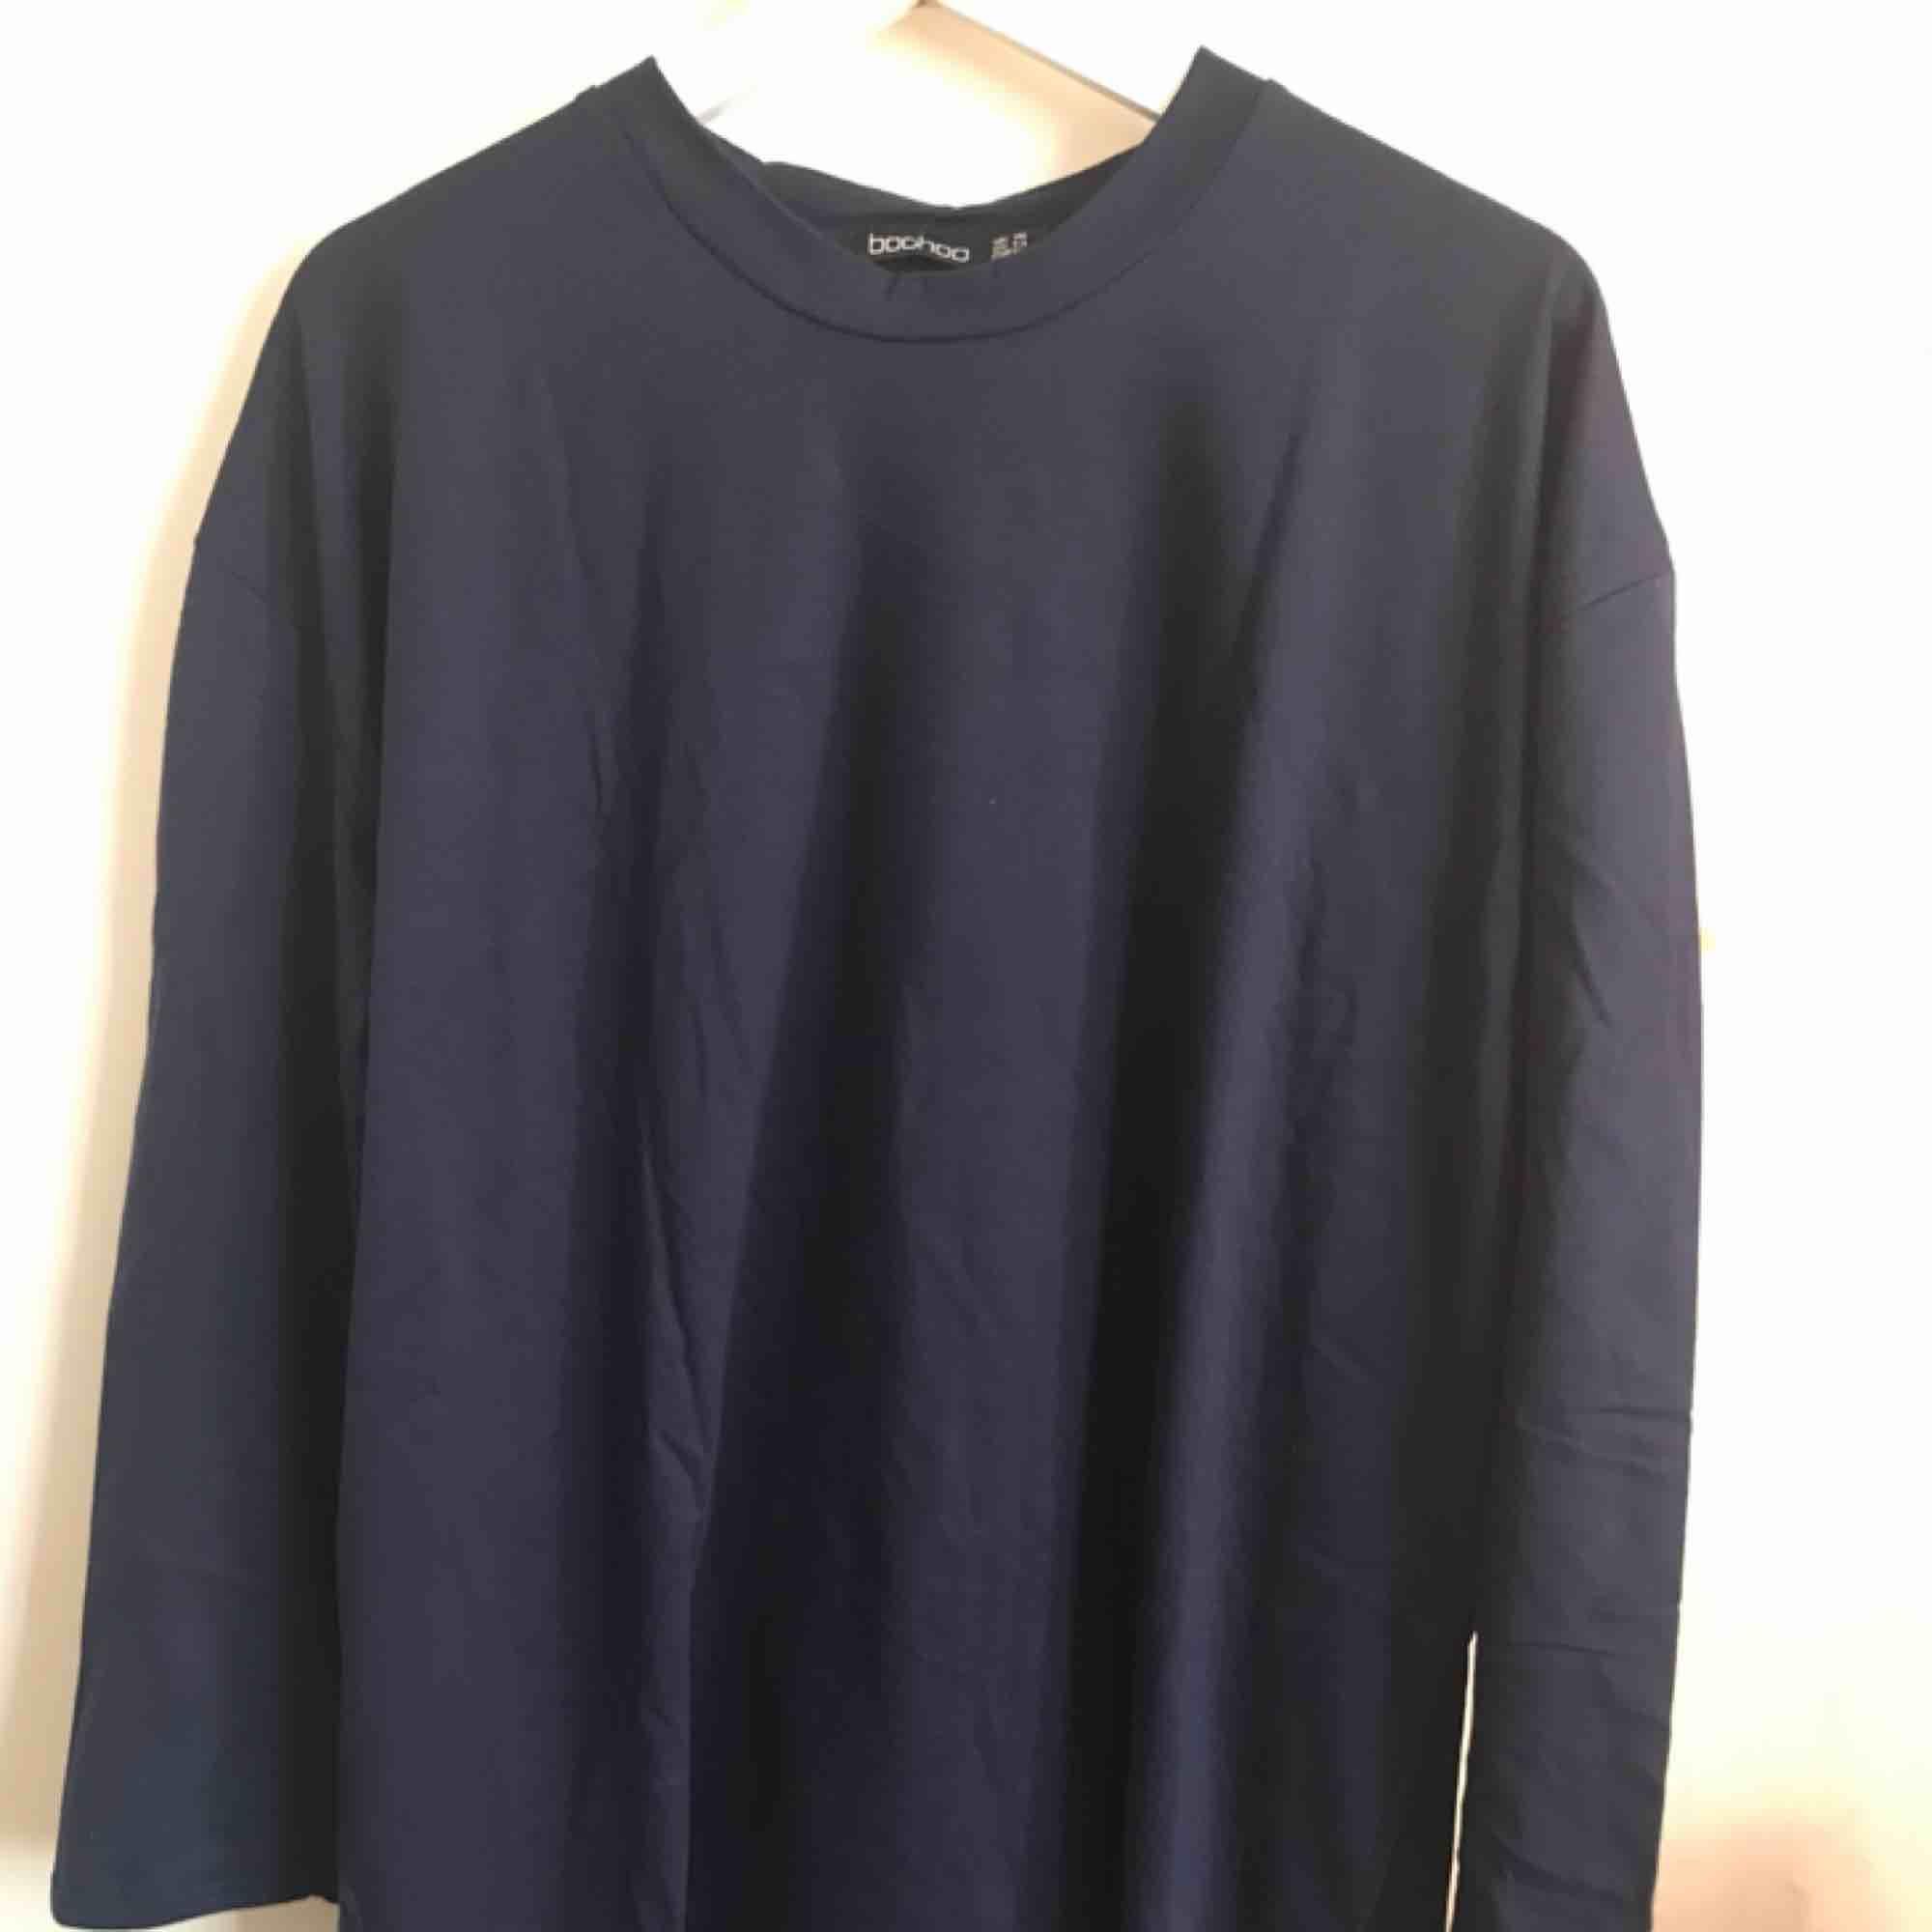 Ny t-shirt klänning från Boohoo  Aldrig använd, lapparna är kvar Strl 46/L 144kr + frakt. Klänningar.